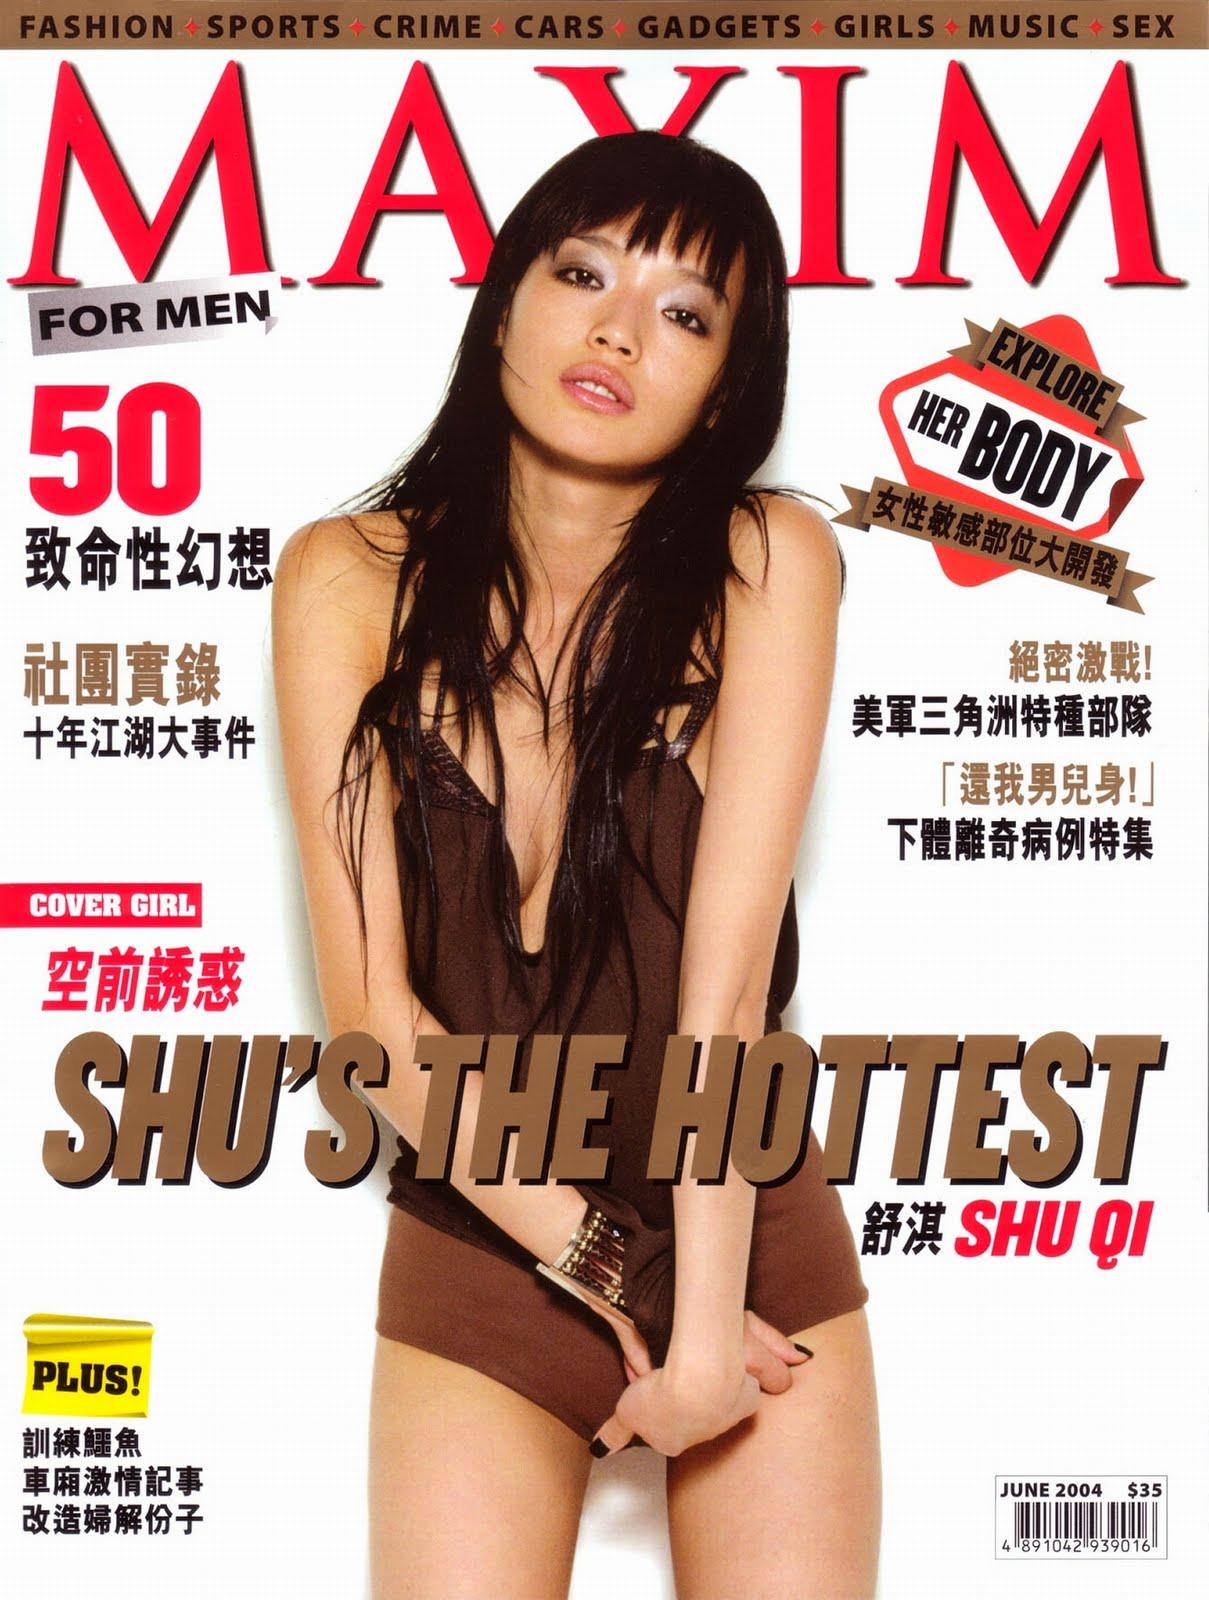 http://2.bp.blogspot.com/_HTS9mtzNGnI/TJj9ksi9GuI/AAAAAAABuGw/Q7u2TnOuVP0/s1600/shuqi12160526ge.jpg